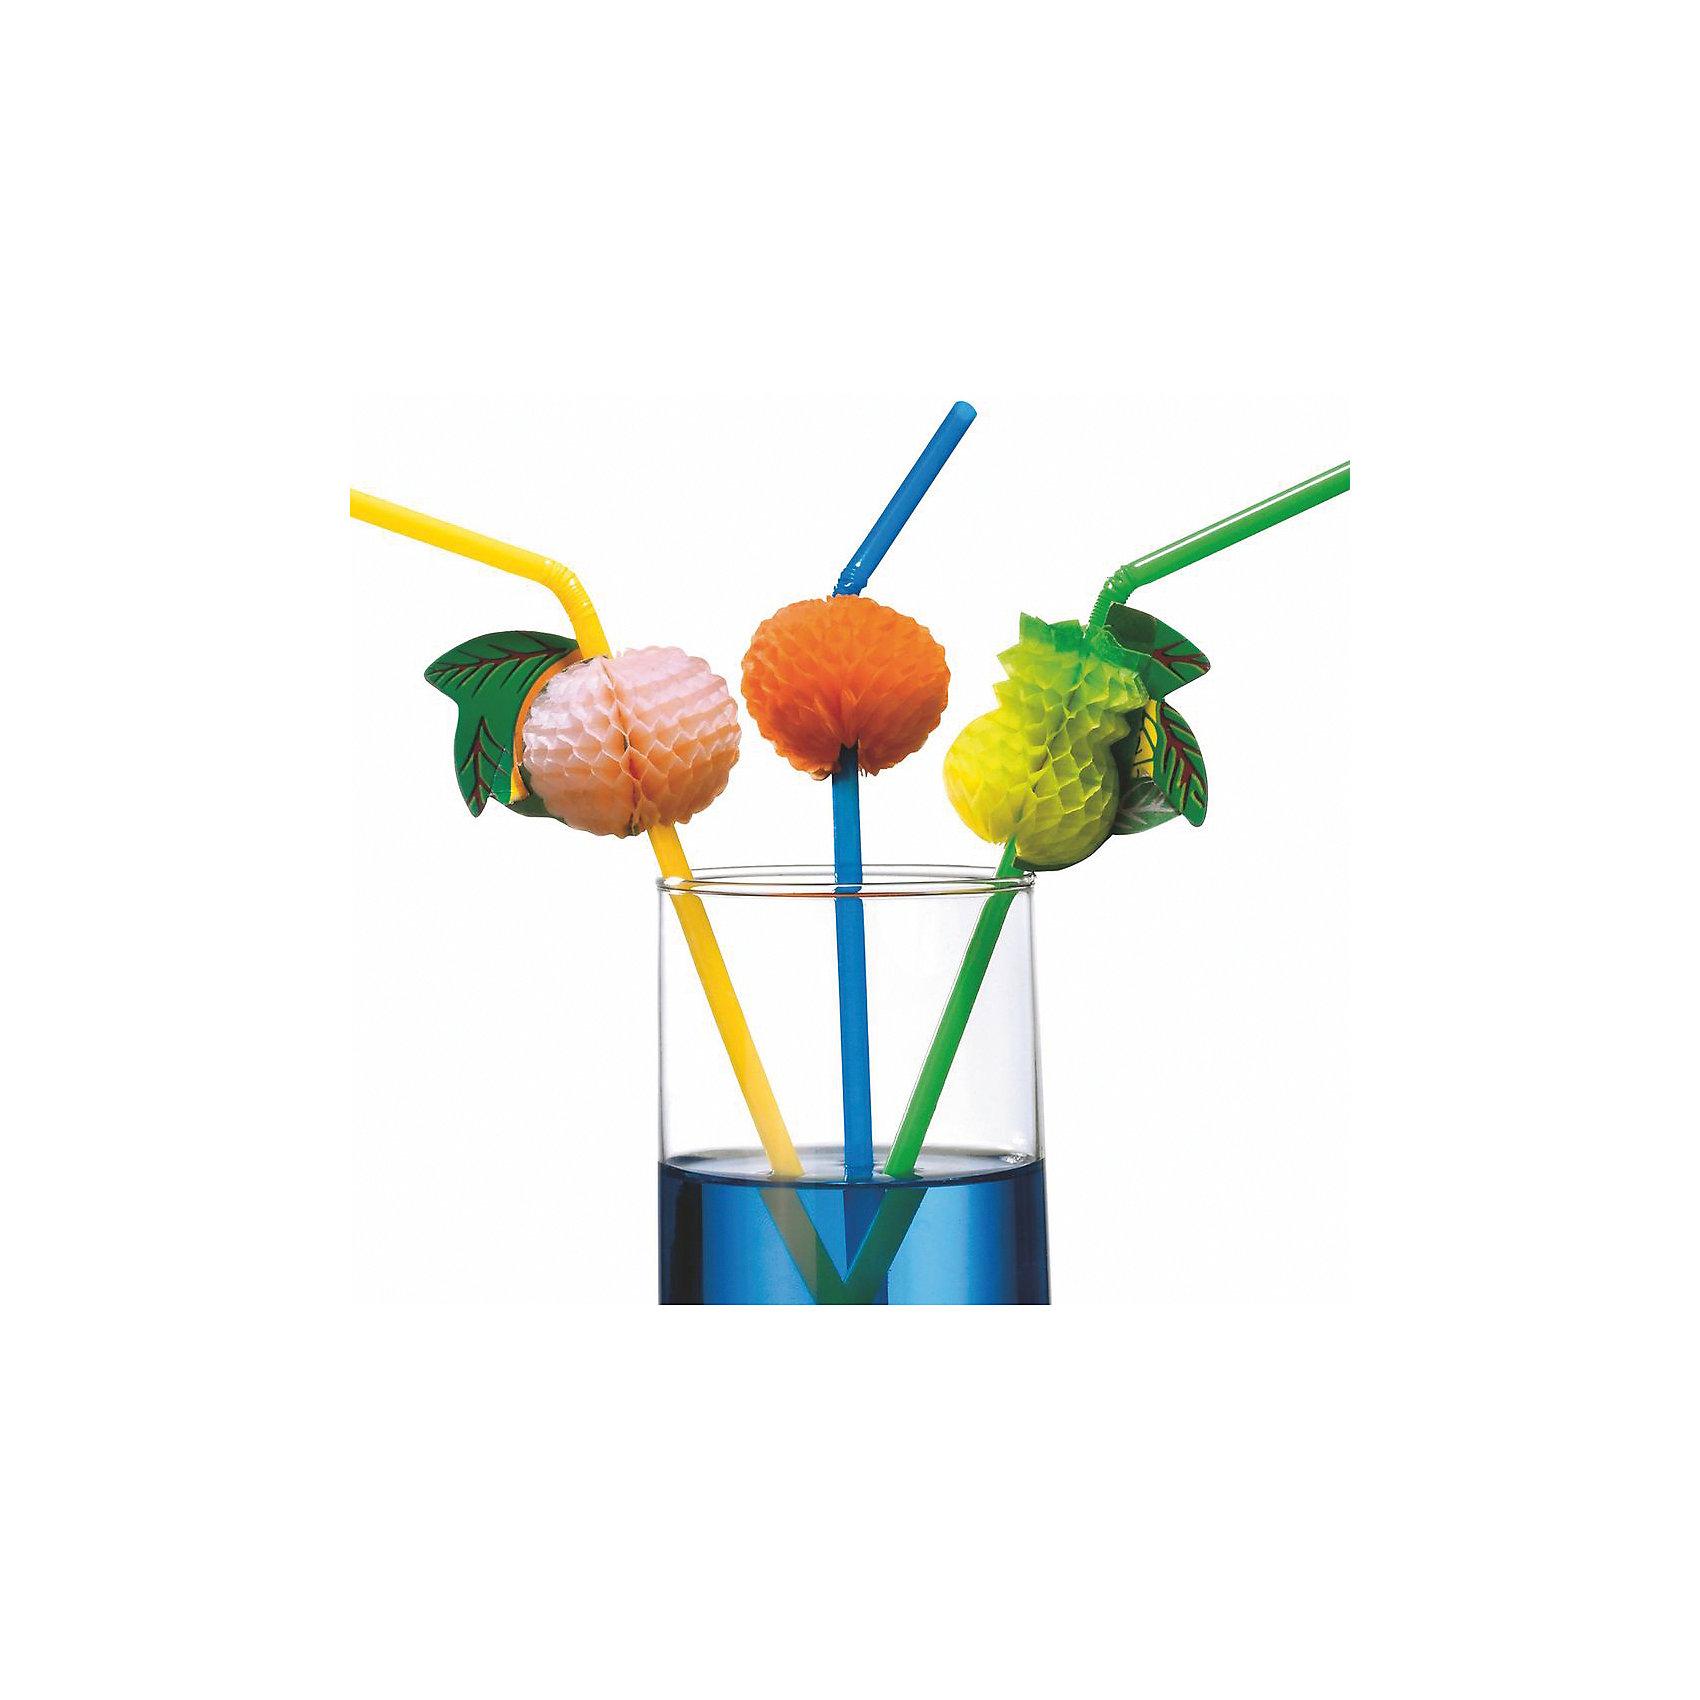 Трубочки для коктейля Фрукты, 24 см, 10 штВсё для праздника<br>Характеристики товара:<br><br>• возраст: от 3 лет<br>• цвет: мульти<br>• материал: полимер<br>• размер упаковки: 10х2х31 см<br>• длина: 25 см<br>• комплектация: 10 шт<br>• вес: 20 г<br>• страна бренда: Германия<br>• страна изготовитель: Германия<br><br>Дети обожают праздники. А если праздник оформлен в ярких цветах - то это незабываемая вечеринка. <br><br>Трубочки для коктейля ярих цветов станут актуальным дополнением праздника. Каждая трубочка имеет свой фрукт-оригами, чтопривлечет внимание девочек и мальчиков.<br><br>Подходят для прохладительных напитков.<br><br>Трубочки для коктейля «Фрукты», 24 см, 10 шт, от бренда Herlitz (Херлиц) можно купить в нашем интернет-магазине.<br><br>Ширина мм: 13<br>Глубина мм: 100<br>Высота мм: 310<br>Вес г: 22<br>Возраст от месяцев: 36<br>Возраст до месяцев: 2147483647<br>Пол: Унисекс<br>Возраст: Детский<br>SKU: 6886477